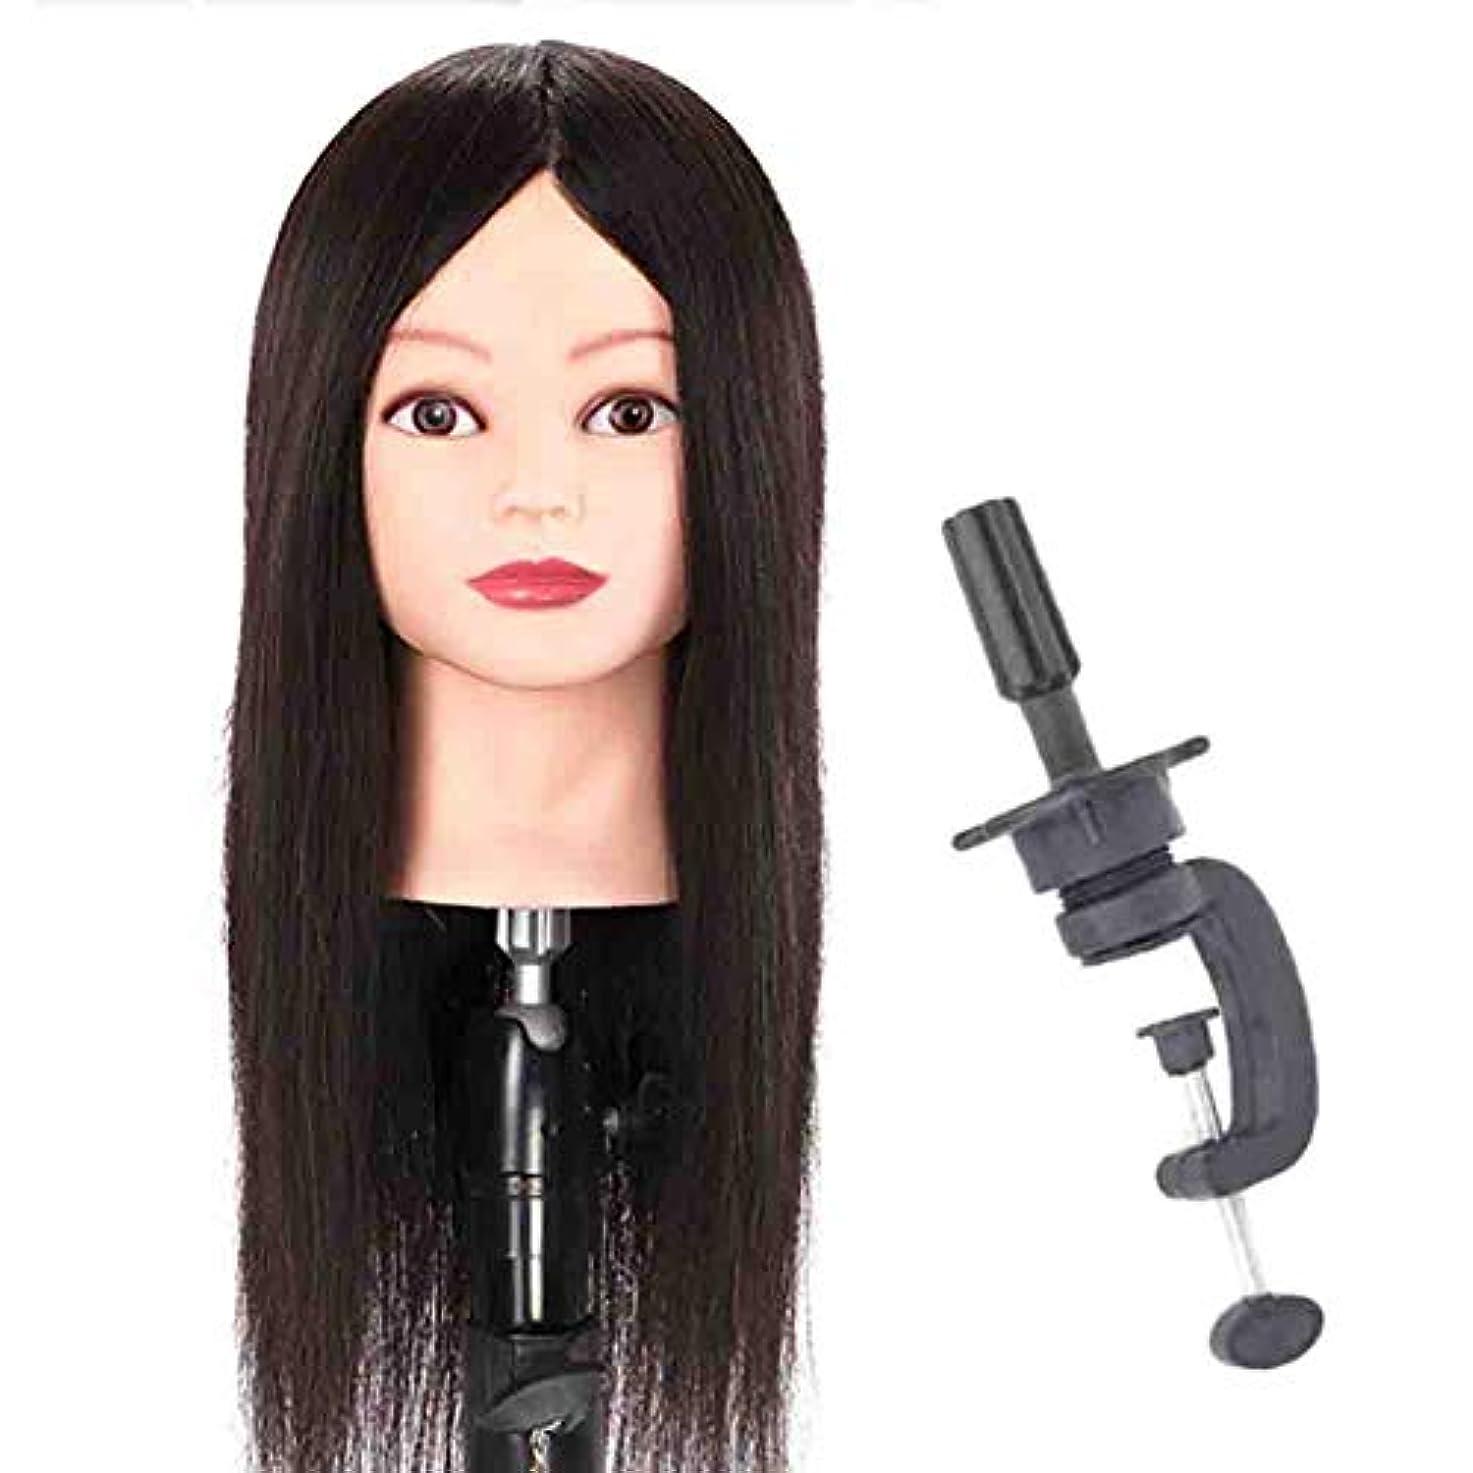 既婚ハブ予測するリアルヘアヘアメイクヘッドモールドヘアサロン練習ホット染色トリミングダミーモデルティーチングヘッド